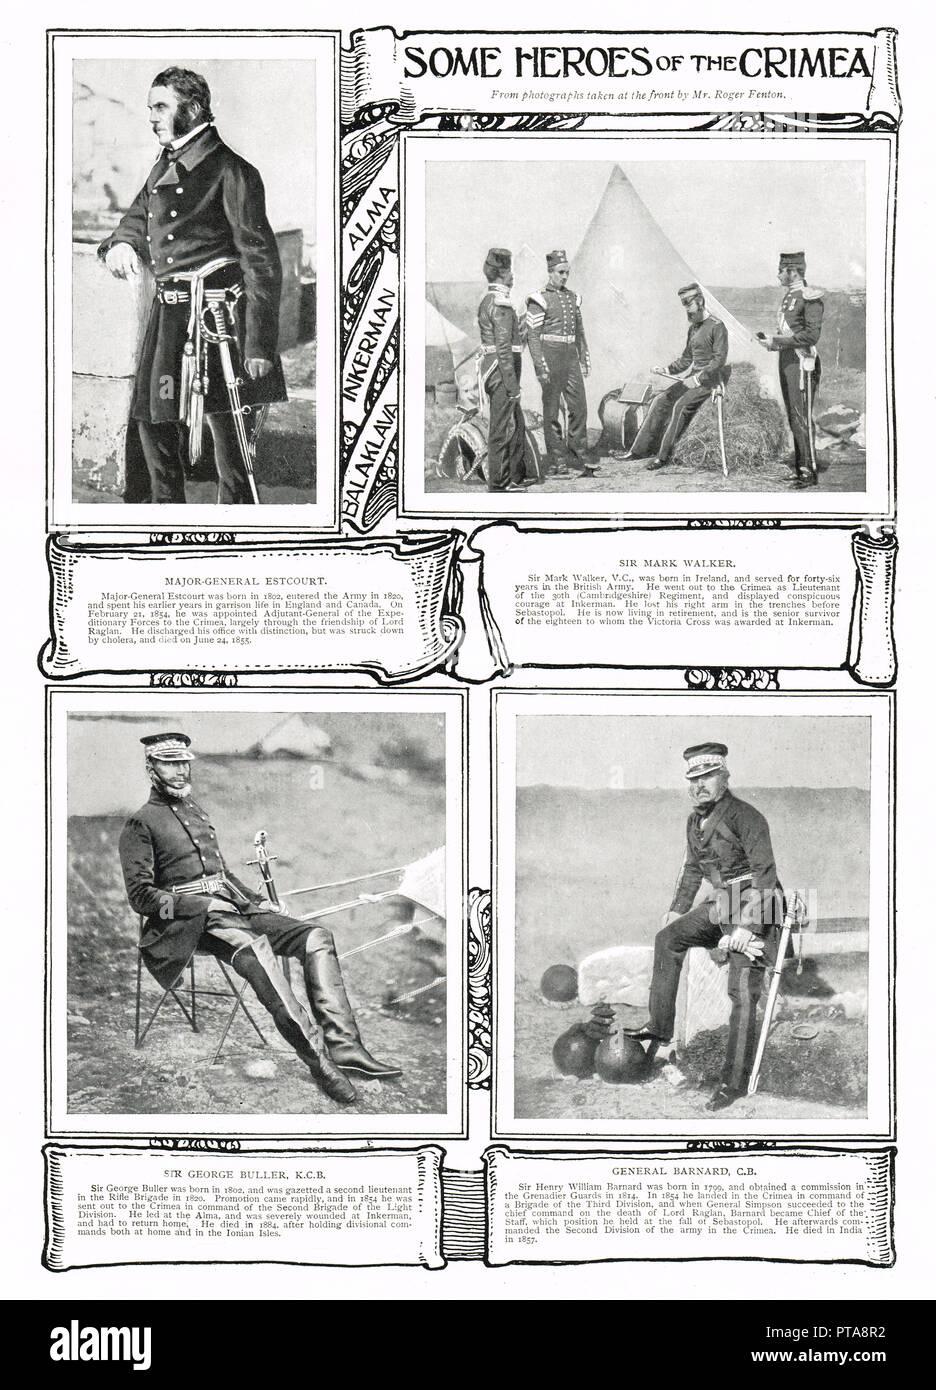 Los héroes de la guerra de Crimea, James Bucknall Estcourt Bucknall, Mark Walker VC, Sir George Buller, Sir Henry William Barnard, las fotografías tomadas en el frente, durante la Guerra de Crimea, por Roger Fenton Foto de stock